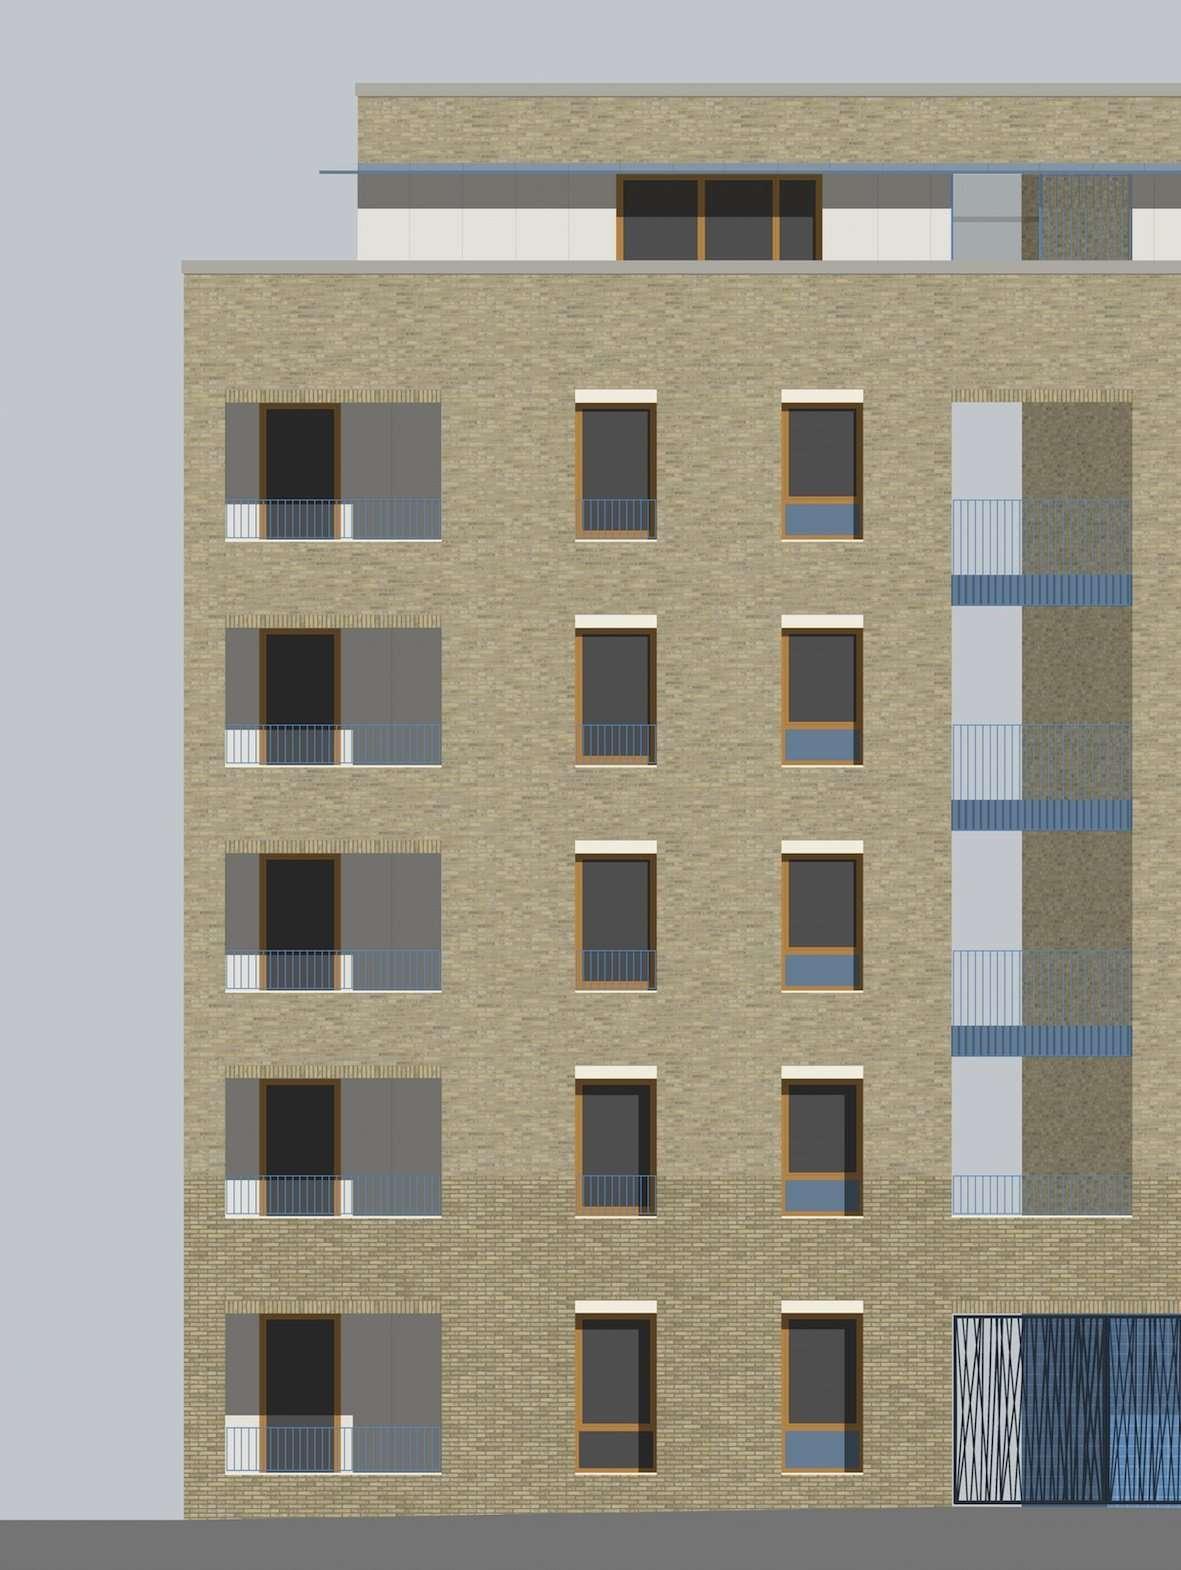 tondelier lot 2.1 <span>2013, gent, appartementen</span>